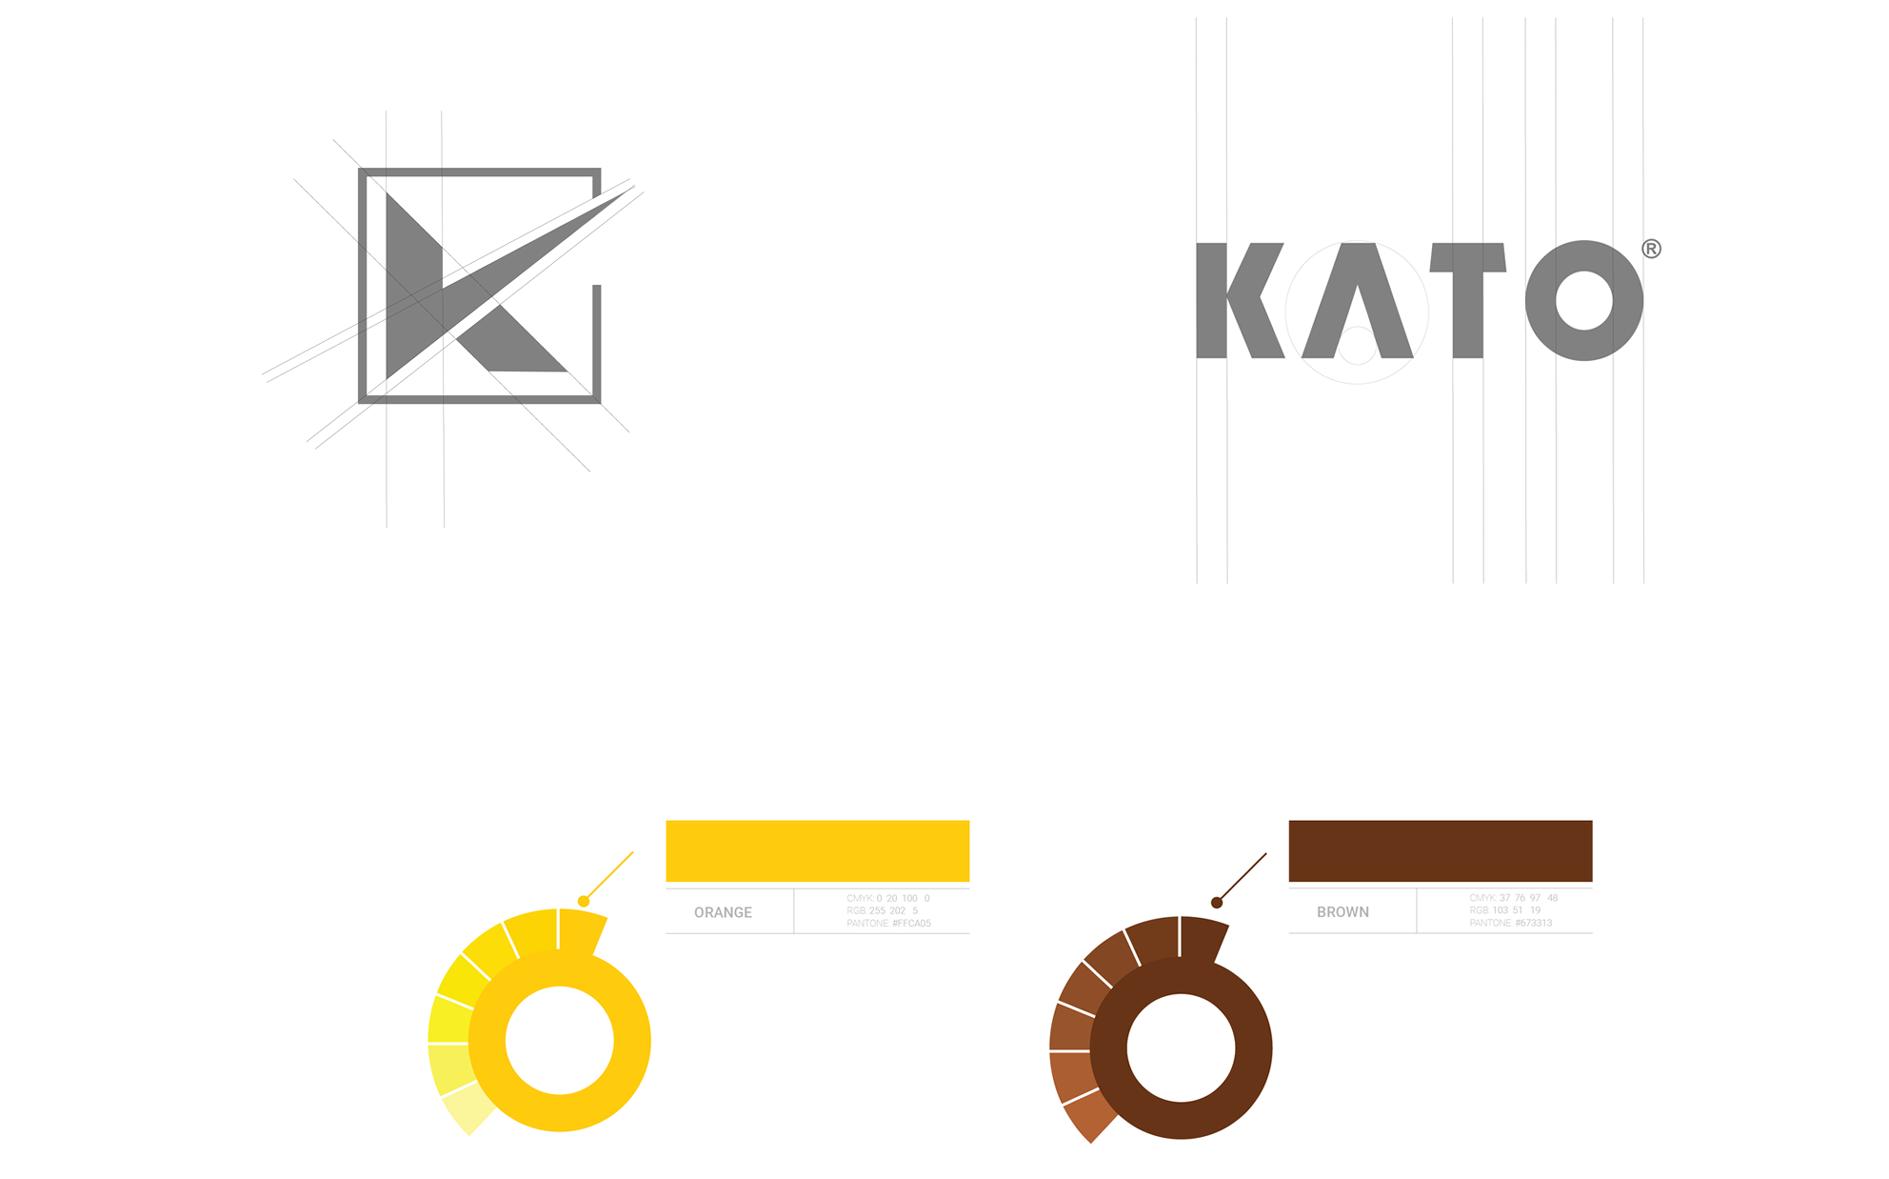 Quy chuẩn logo Kato